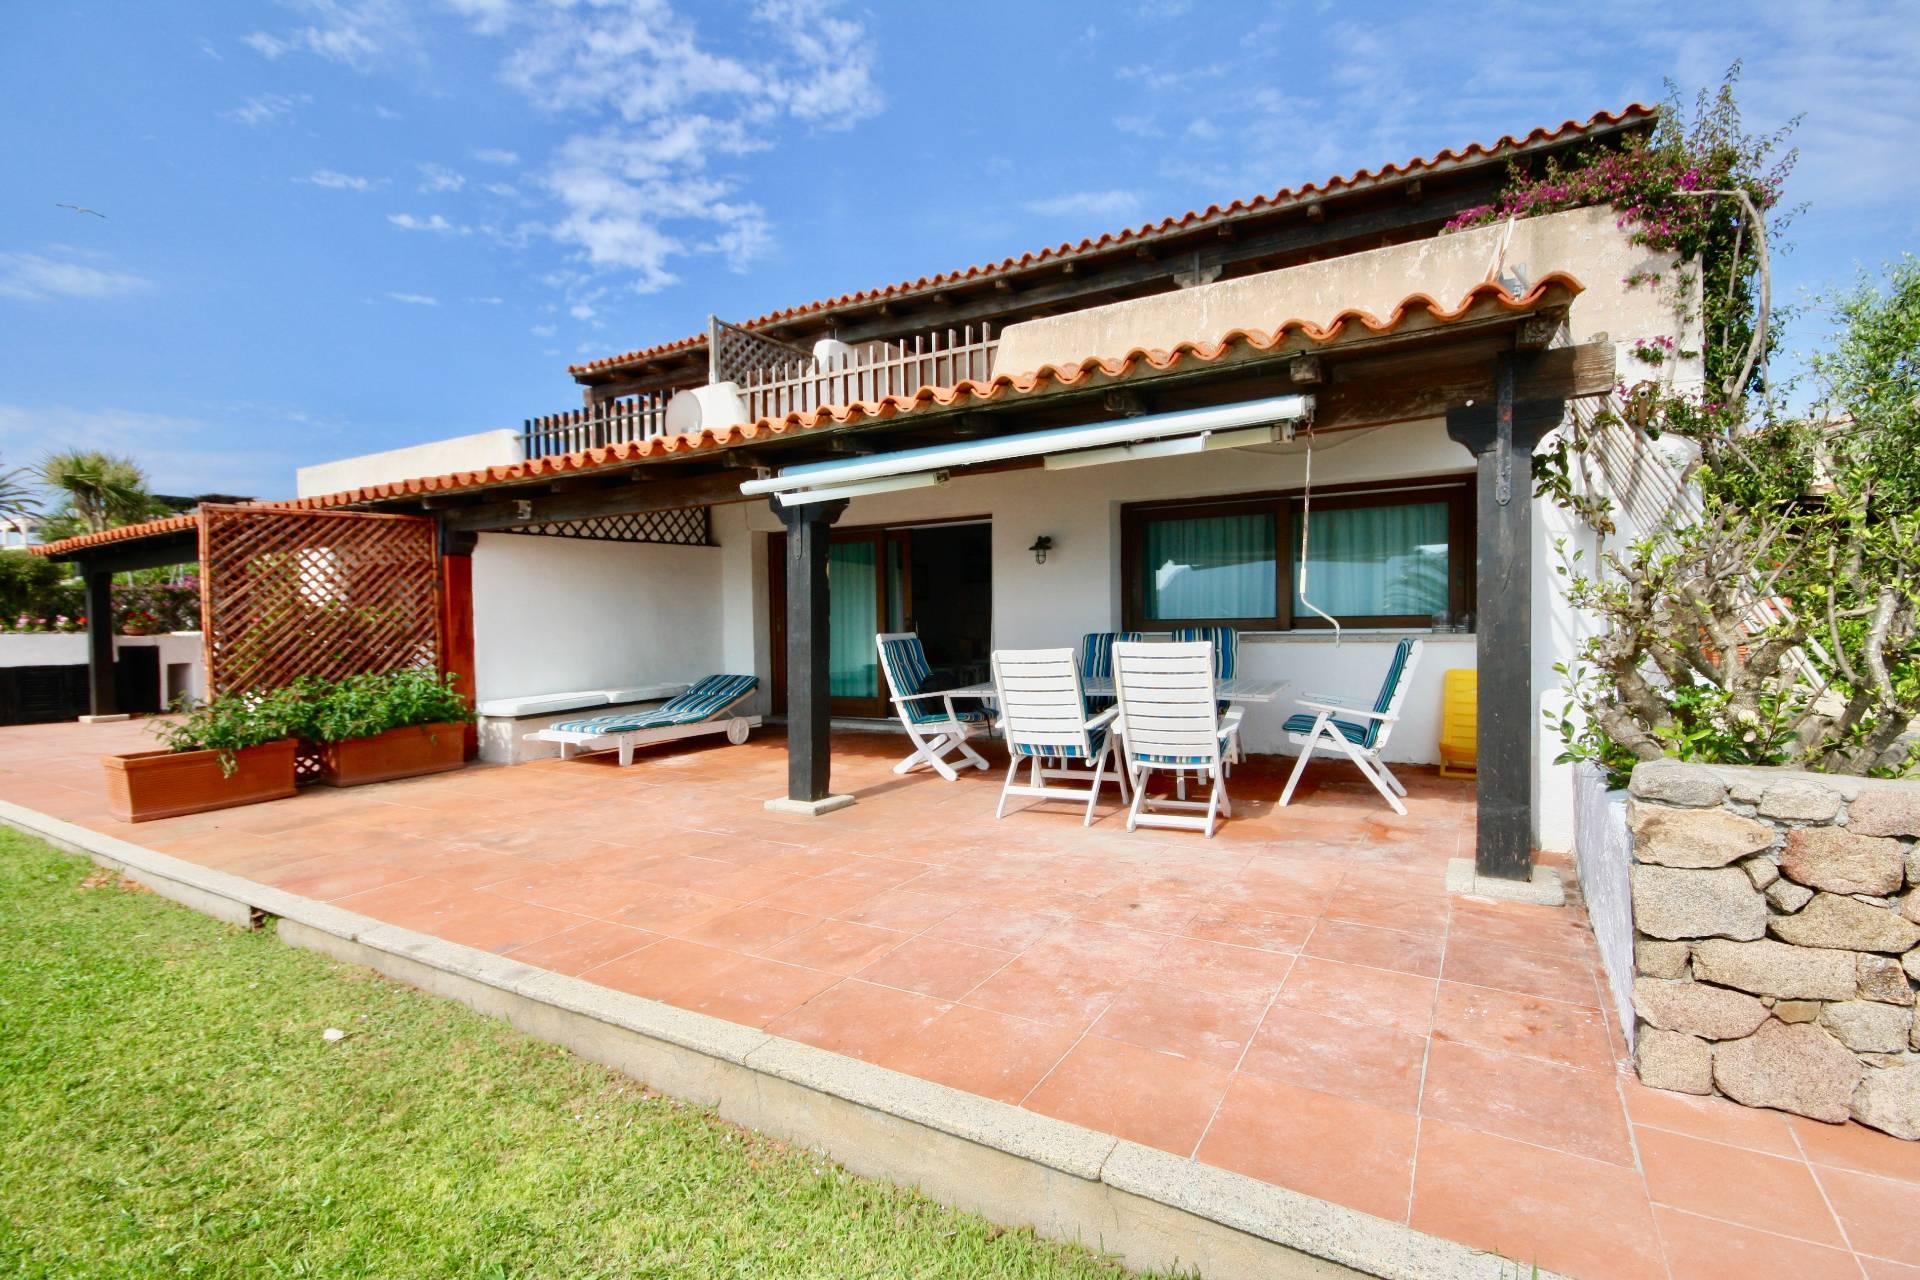 Immobile Turistico in affitto a Golfo Aranci, 5 locali, prezzo € 1.330 | CambioCasa.it